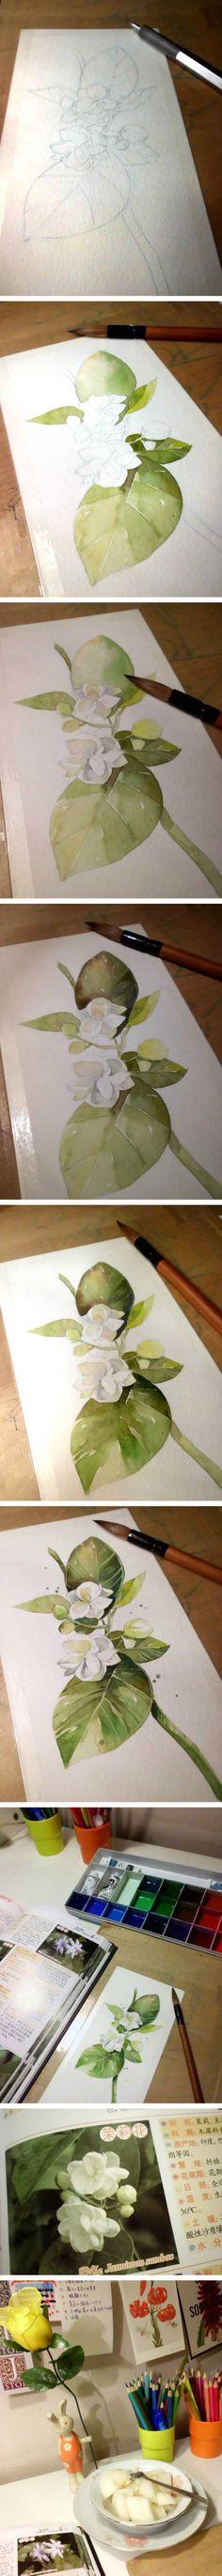 step by step jasmine